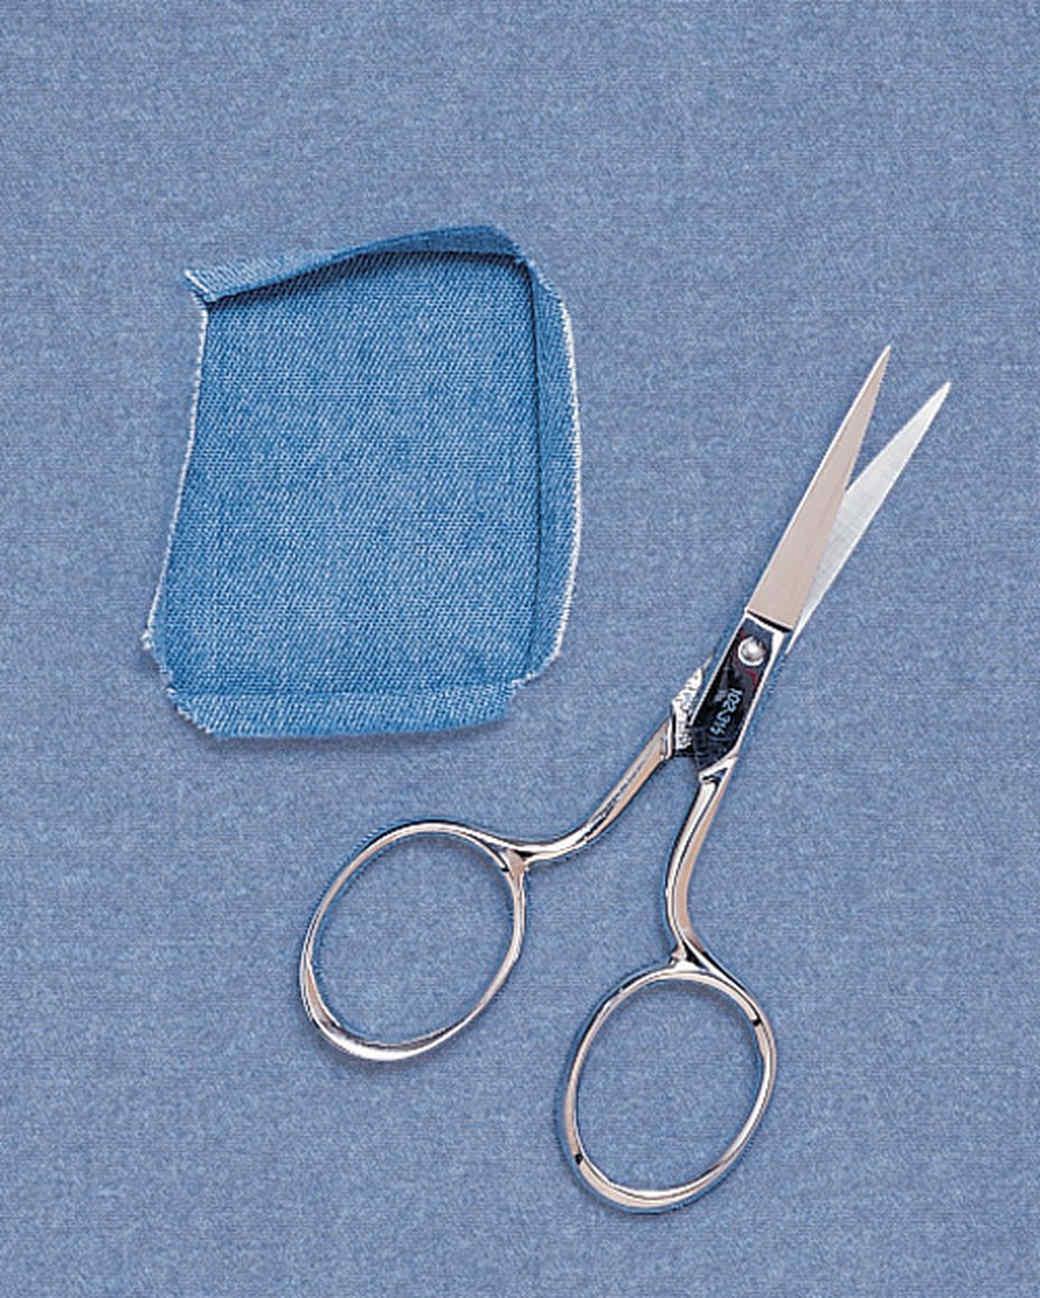 Tạo hình cho lỗ thủng cần vá được đẹp và tiện sửa hơn